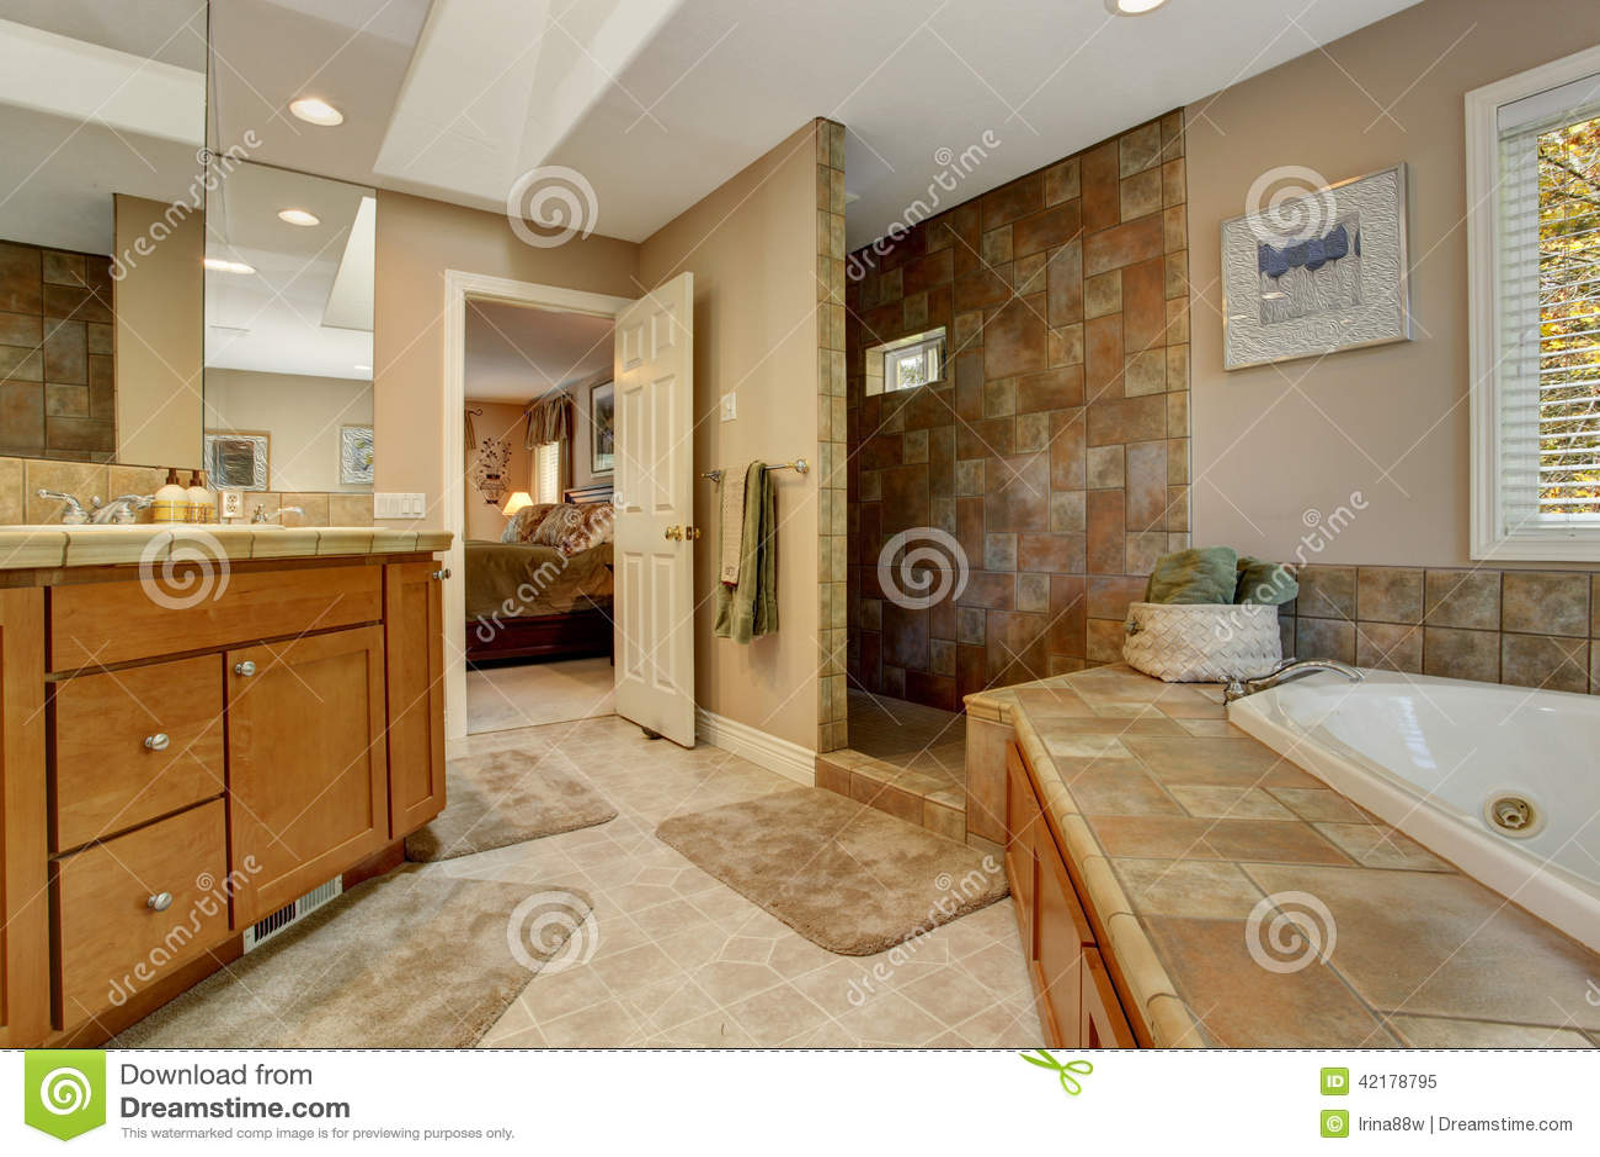 Banheiro Espaçoso Com Banheira De Canto E Abre O Chuveiro Foto de  #3C230C 1300x957 Banheiro Com Banheira De Canto